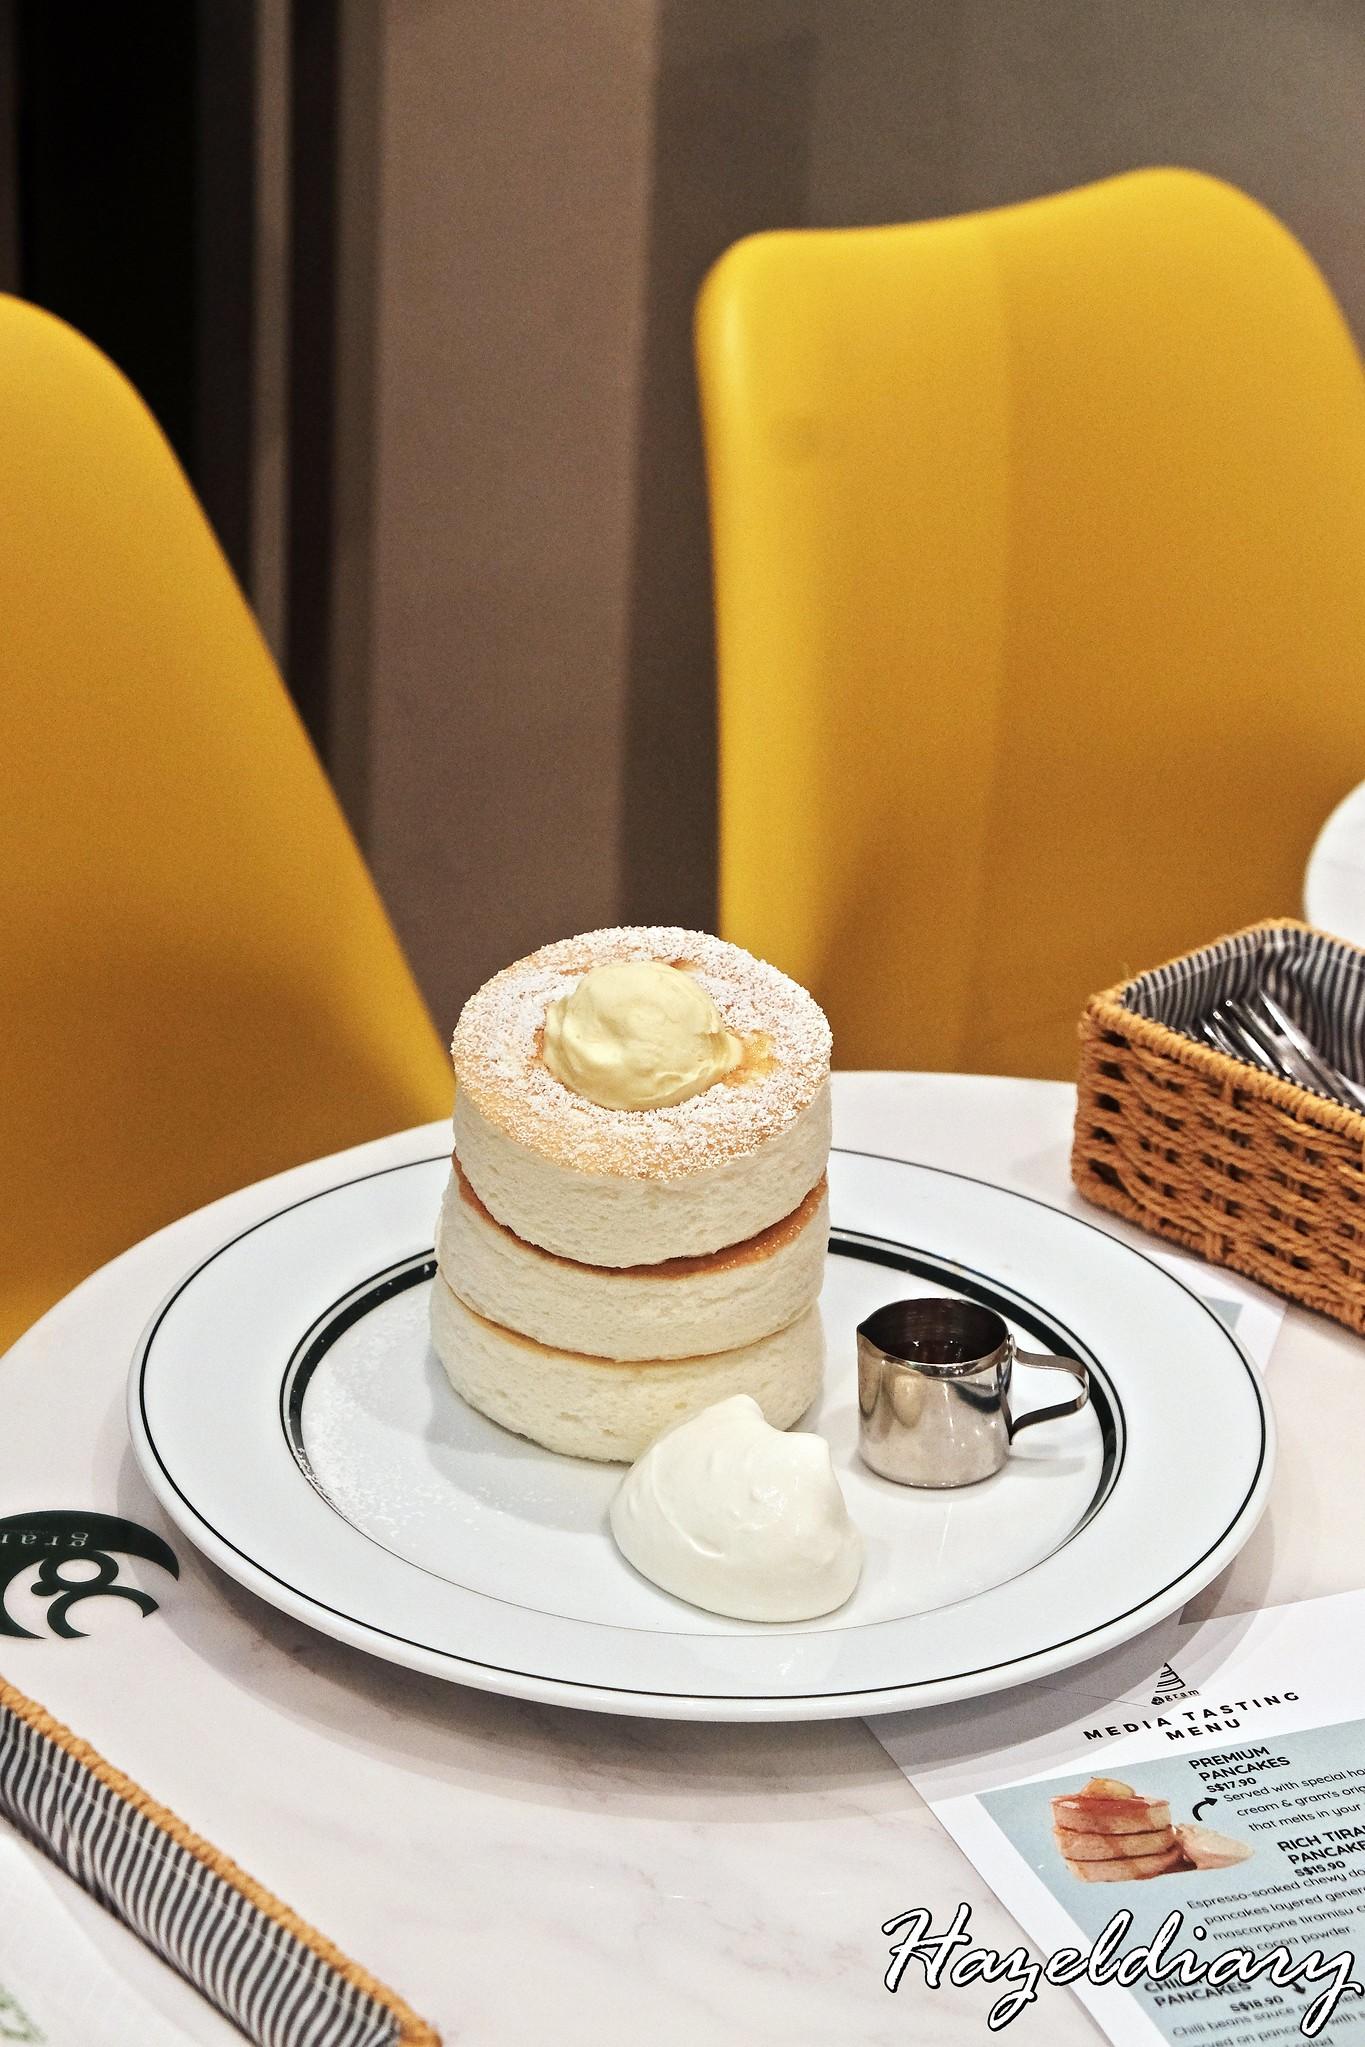 Gram Cafe & Pancakes-Premium Pancakes